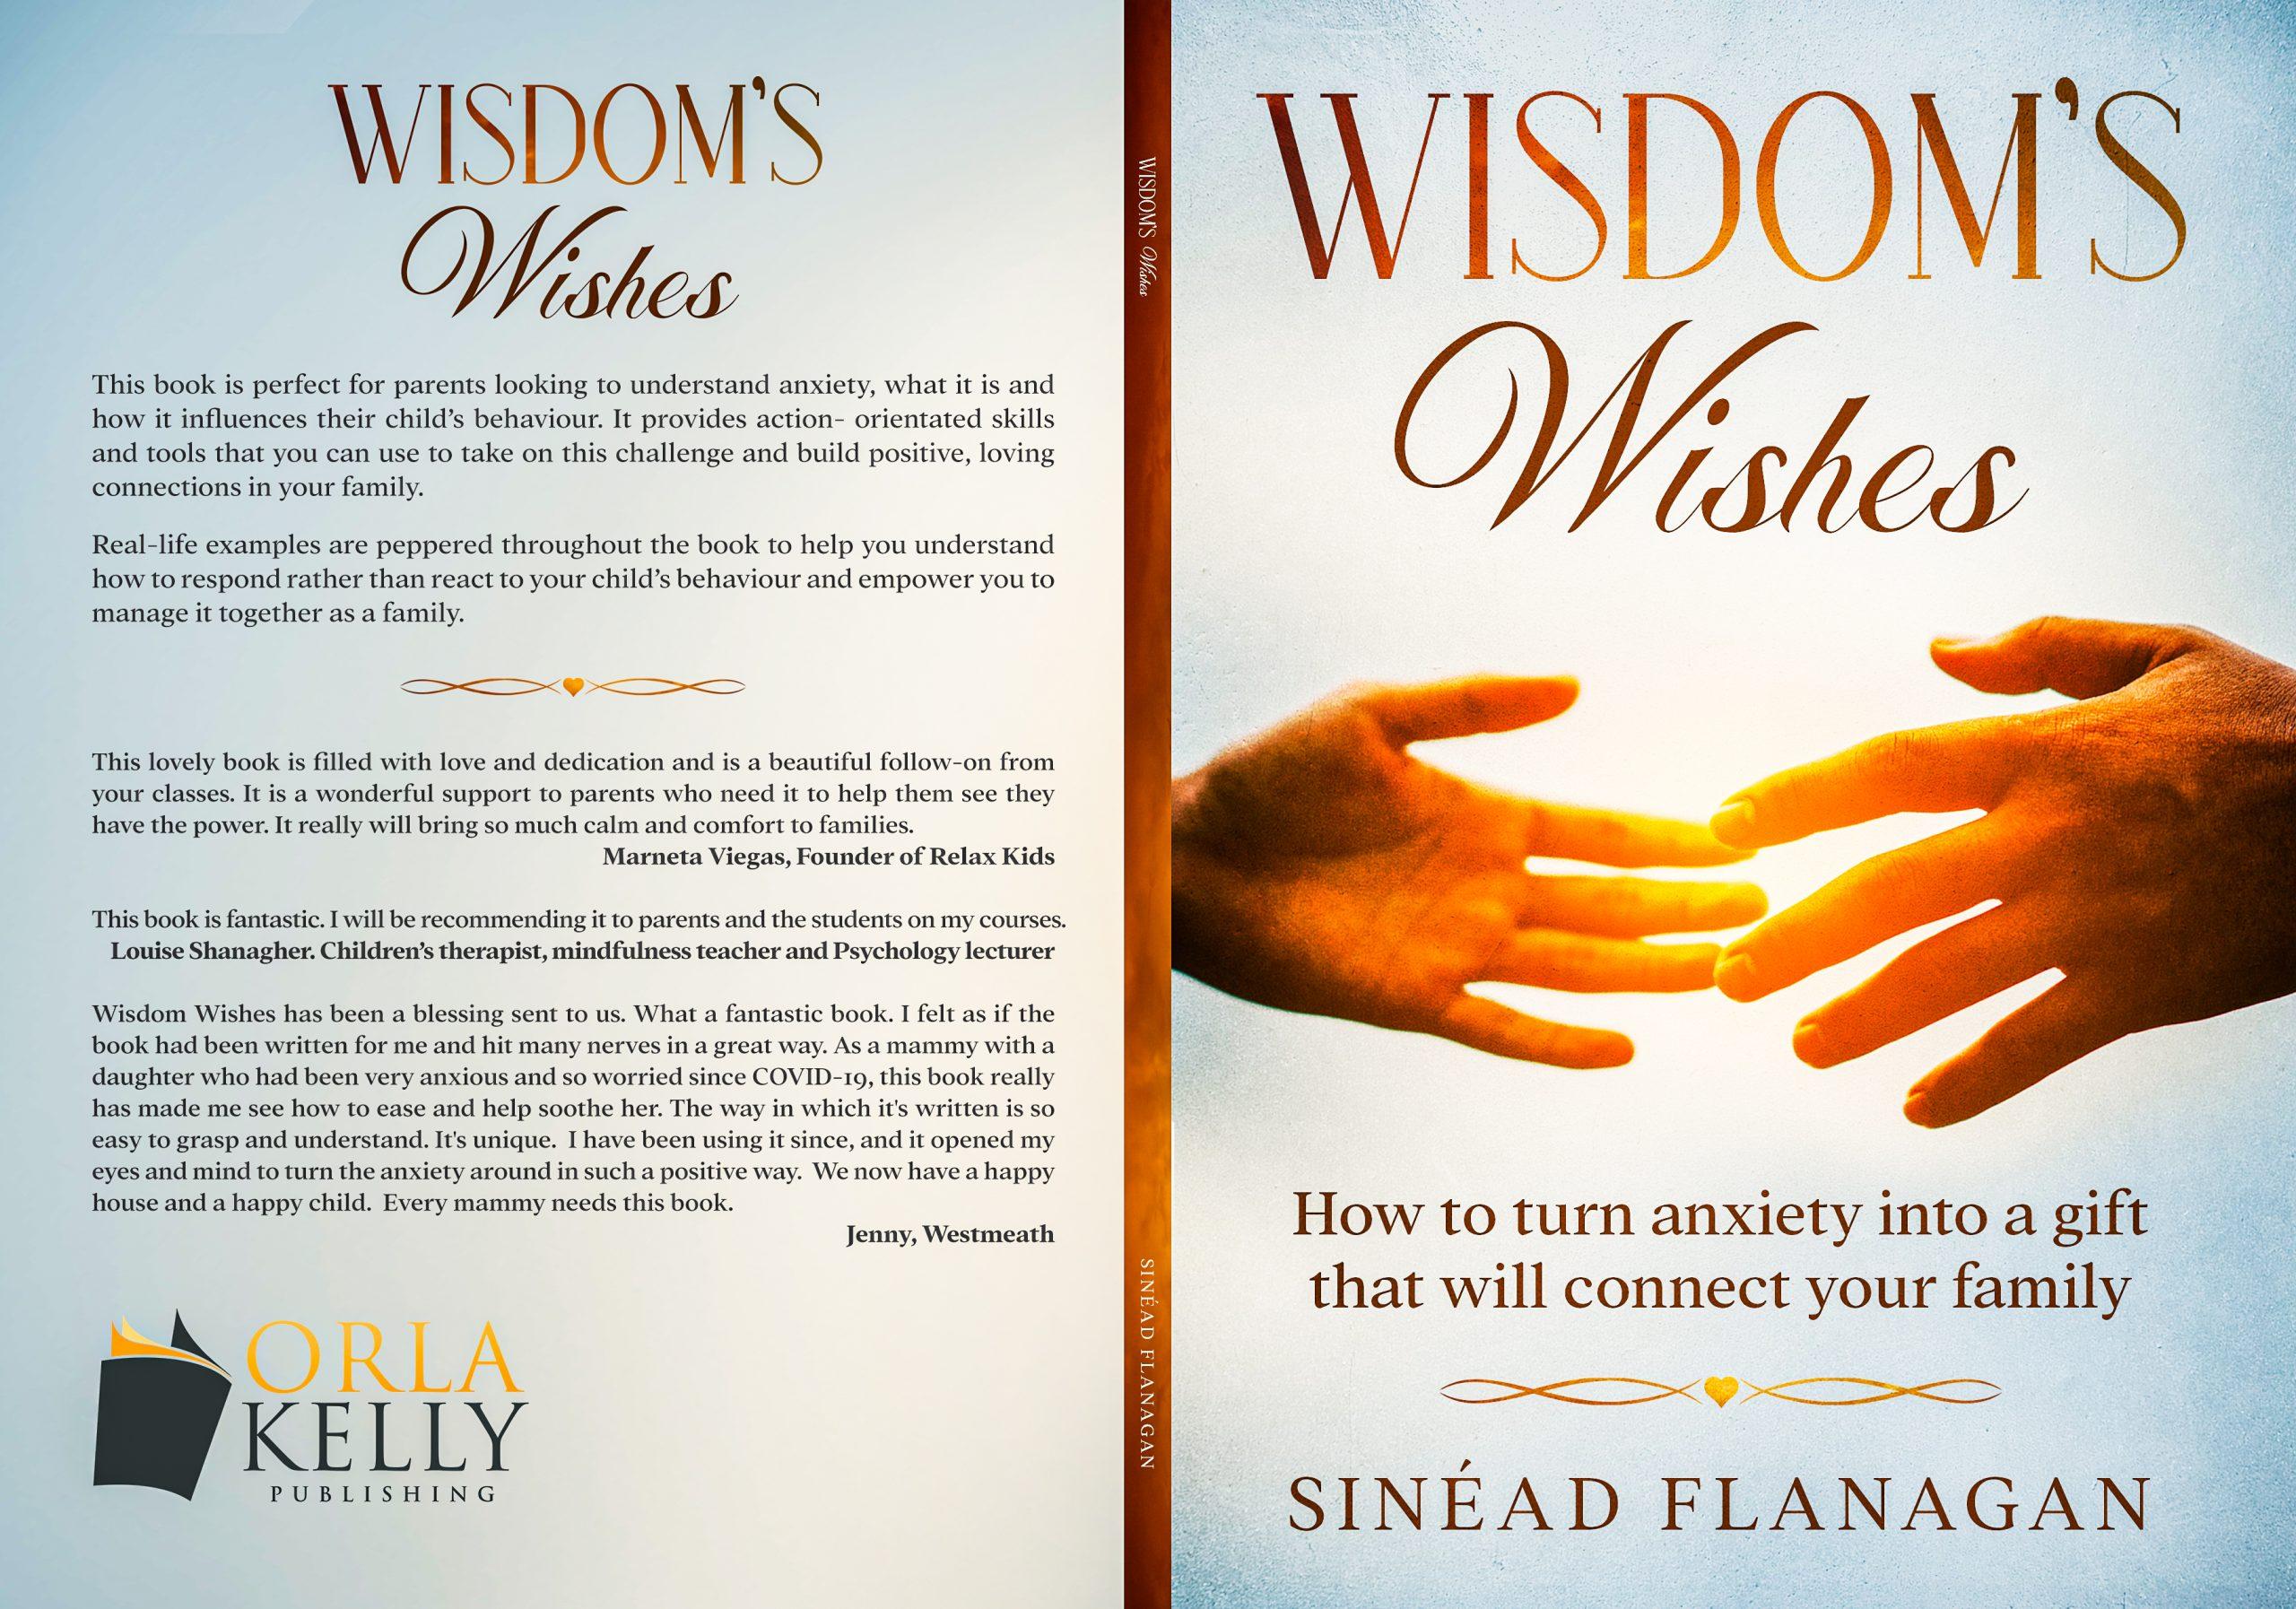 wisdoms wishes